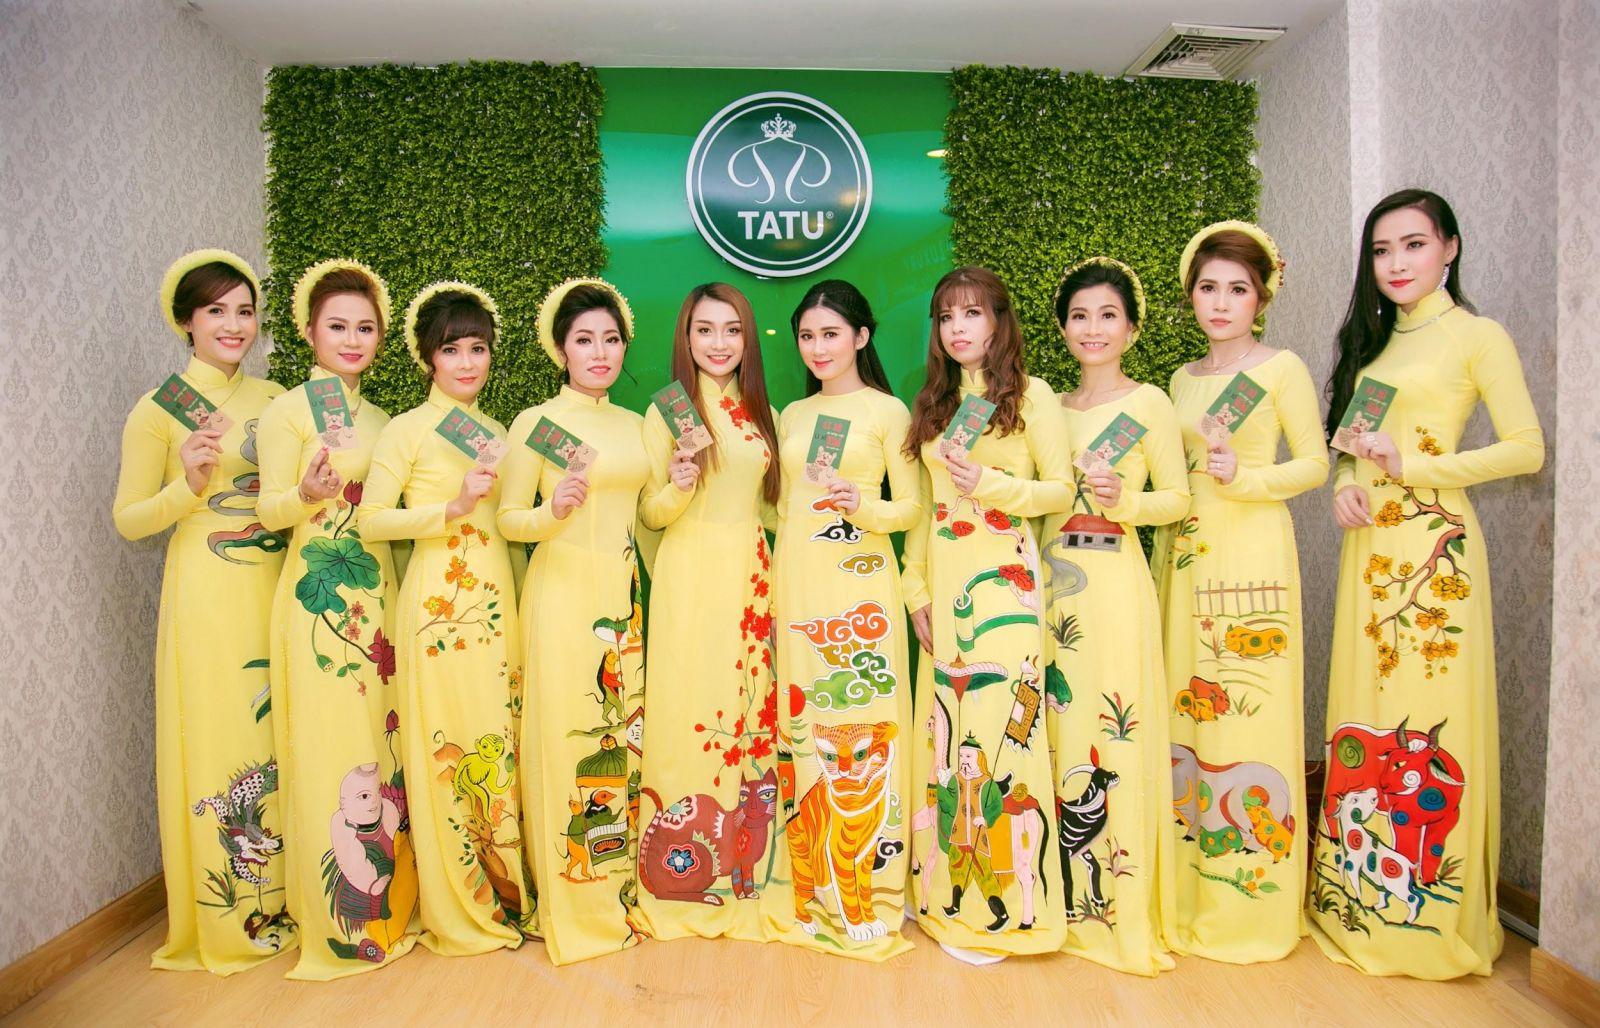 Tatu Luxury - Mỹ Phẩm Sạch Nhật Bản